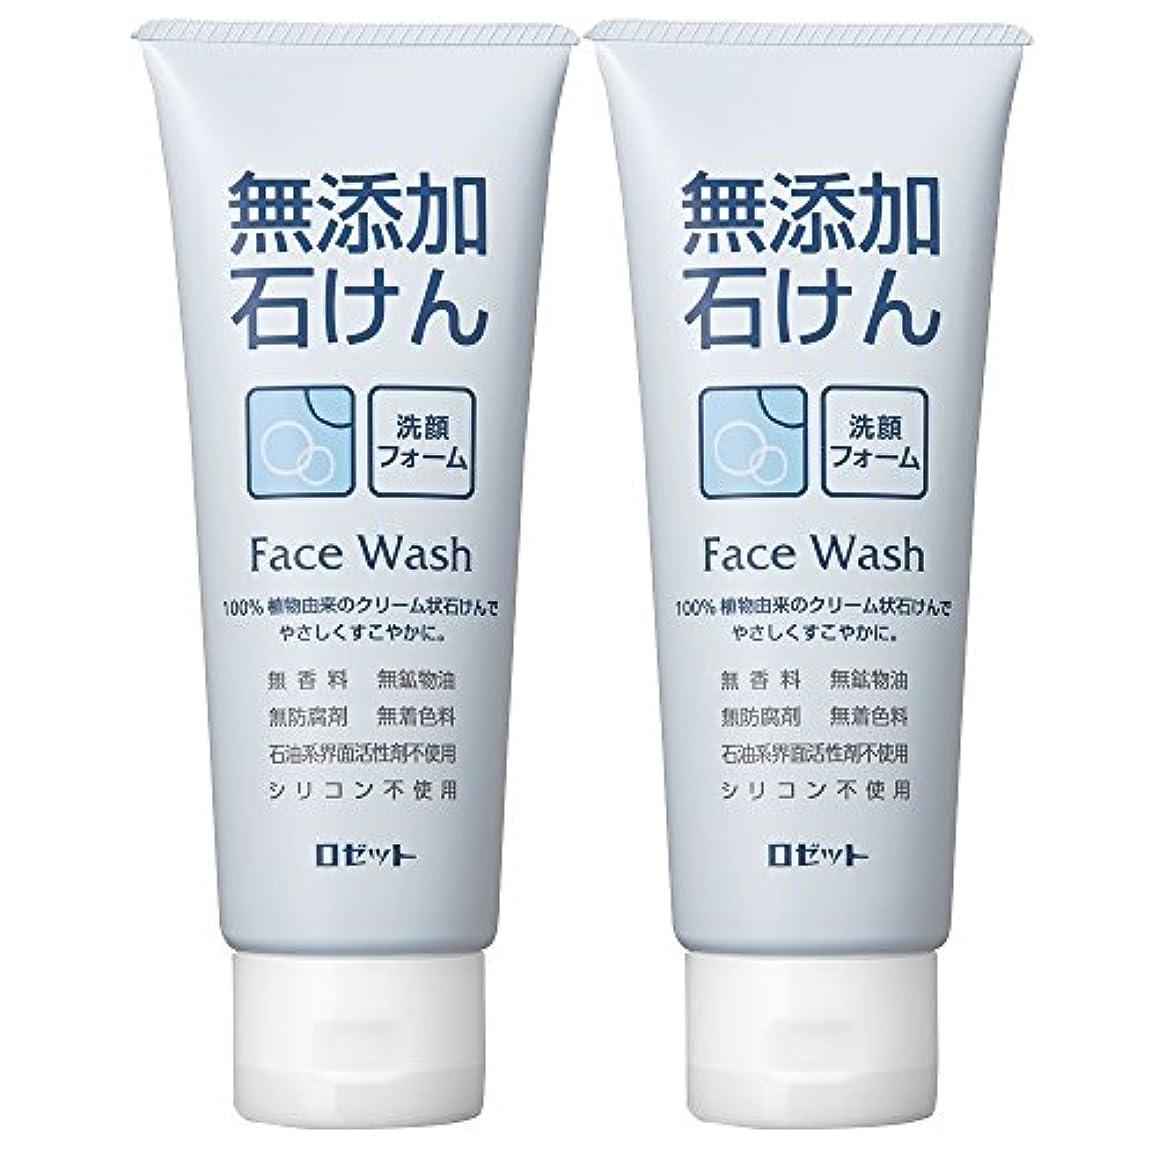 上流の憂慮すべきアシスタントロゼット 無添加石けん 洗顔フォーム 140g×2個パック AZ